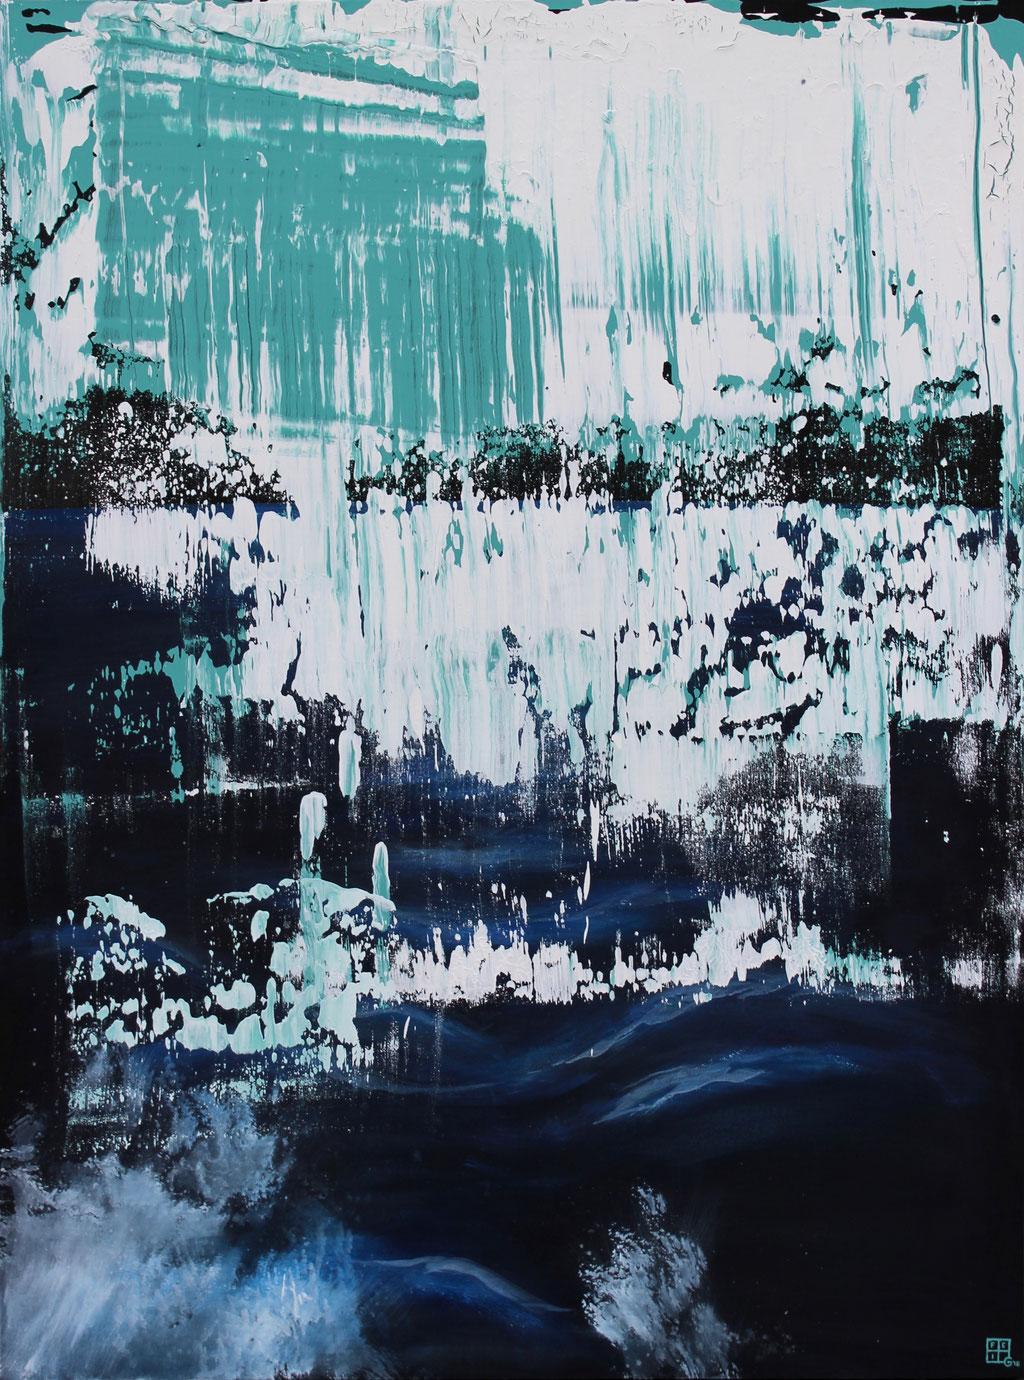 Christian Feig, Die Insel, 2016, aus der Serie, Suche, Acryl auf Leinwand, 160 x 120 cm